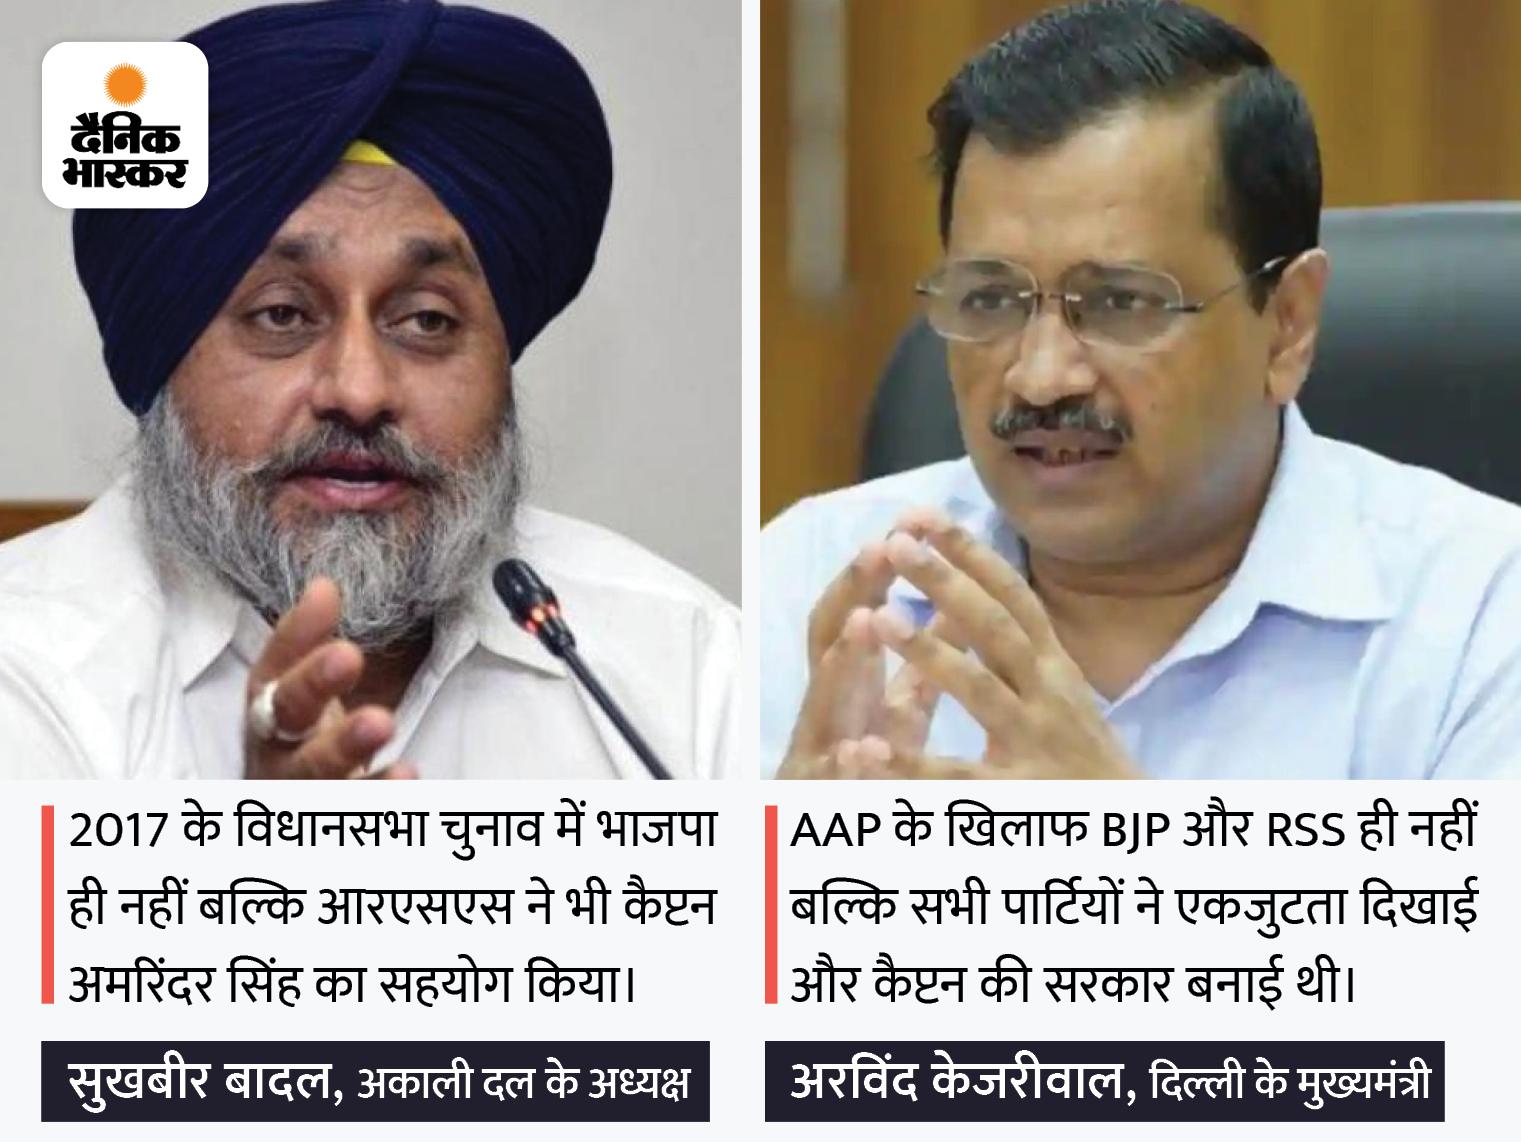 SAD चीफ बोले- RSS ने बनाया था कैप्टन को मुख्यमंत्री; AAP संयोजक ने कहा- आम आदमी सबको हराएगा देश,National - Dainik Bhaskar